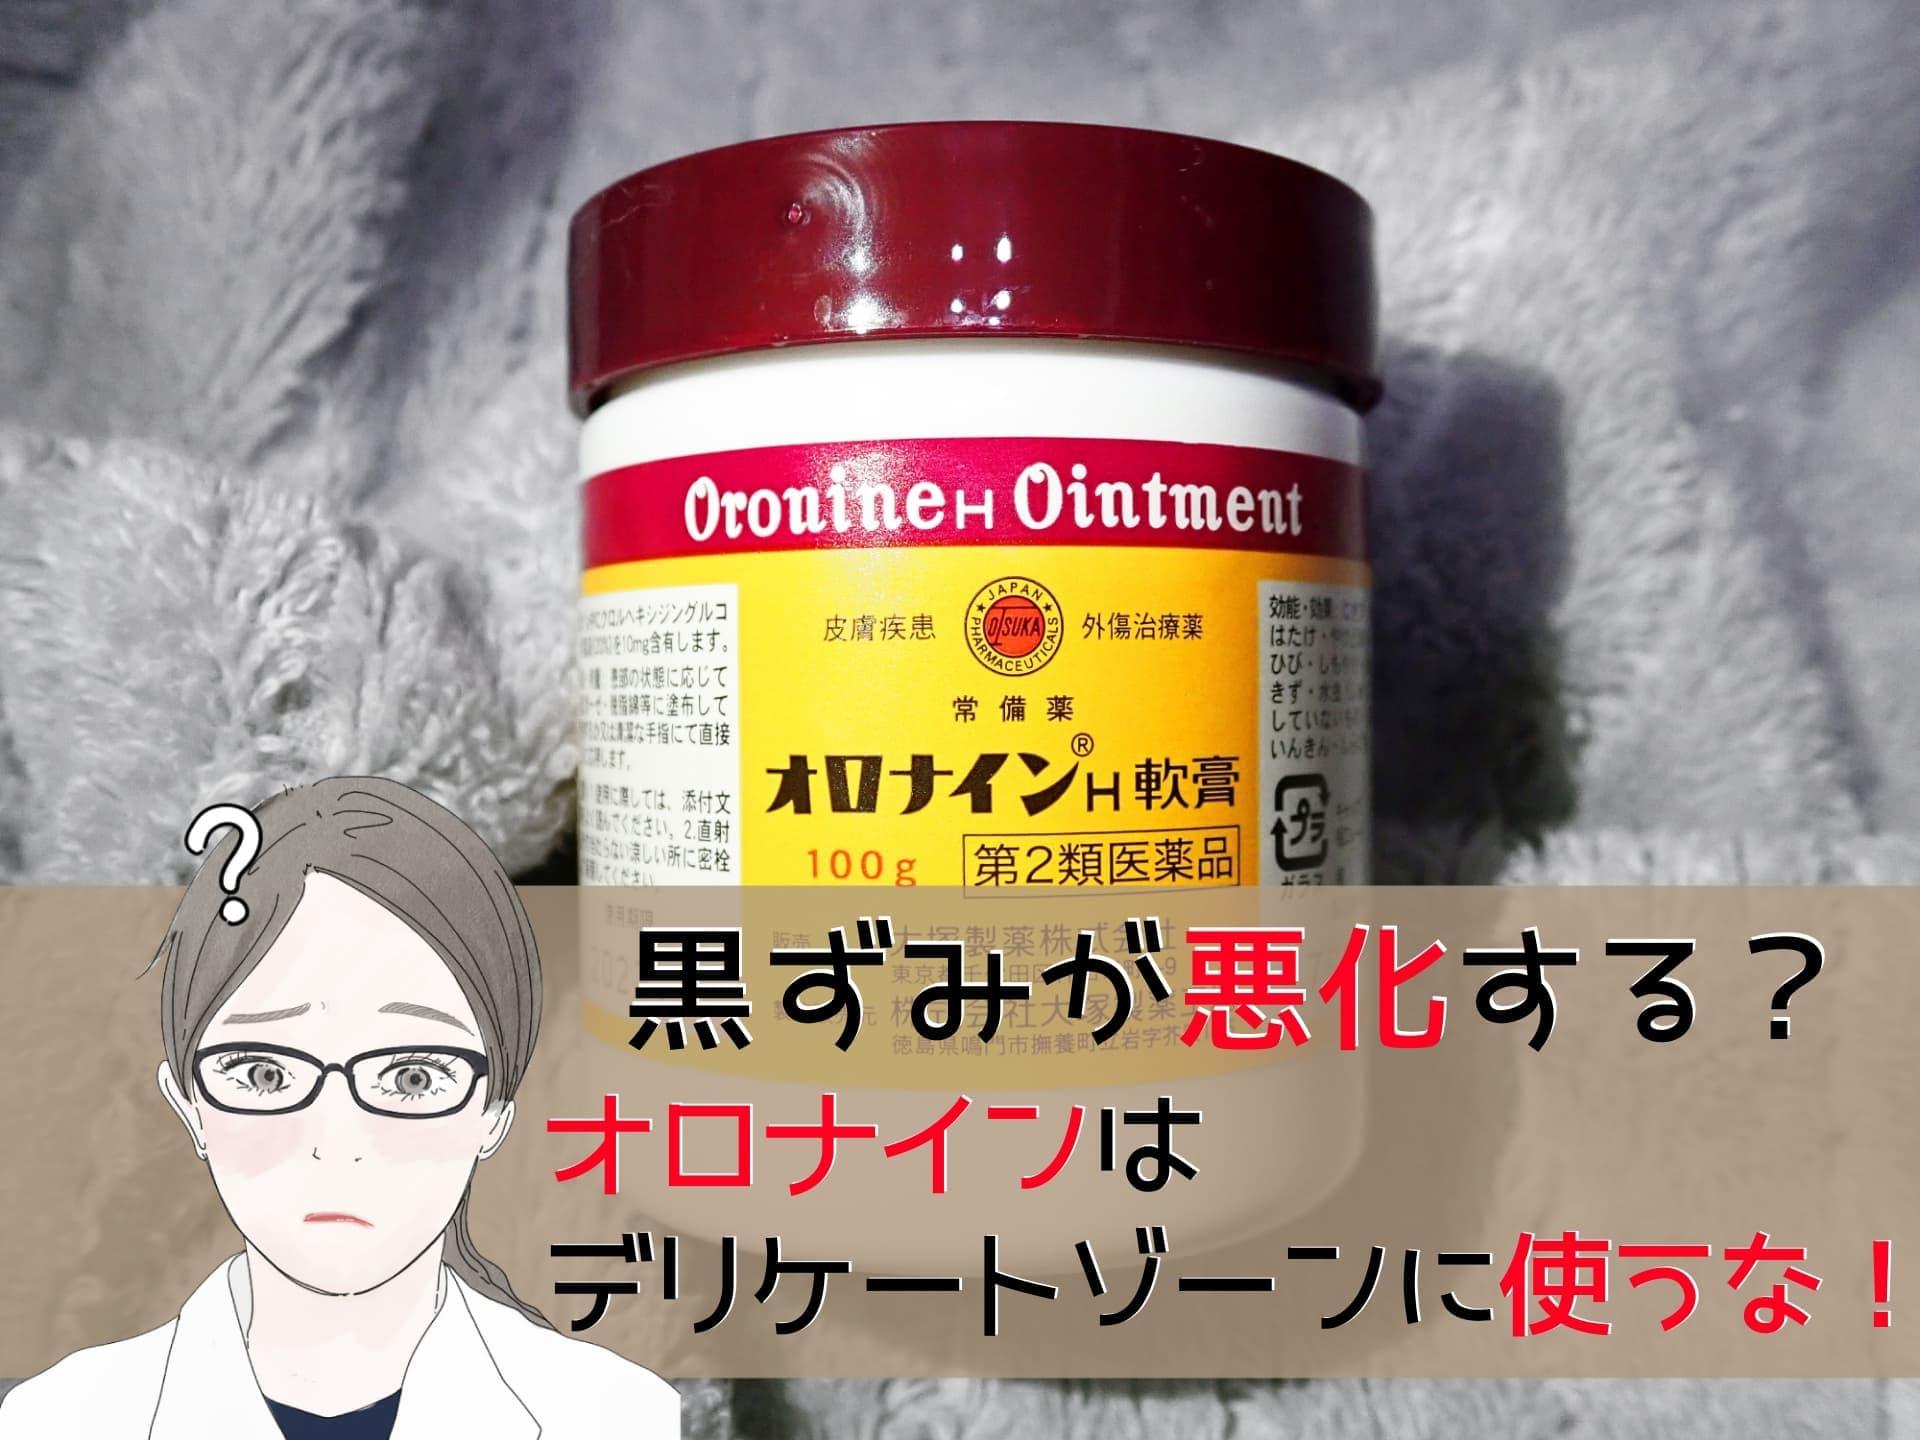 顔 オロナイン 顔の痒みにオロナインは効果がある?